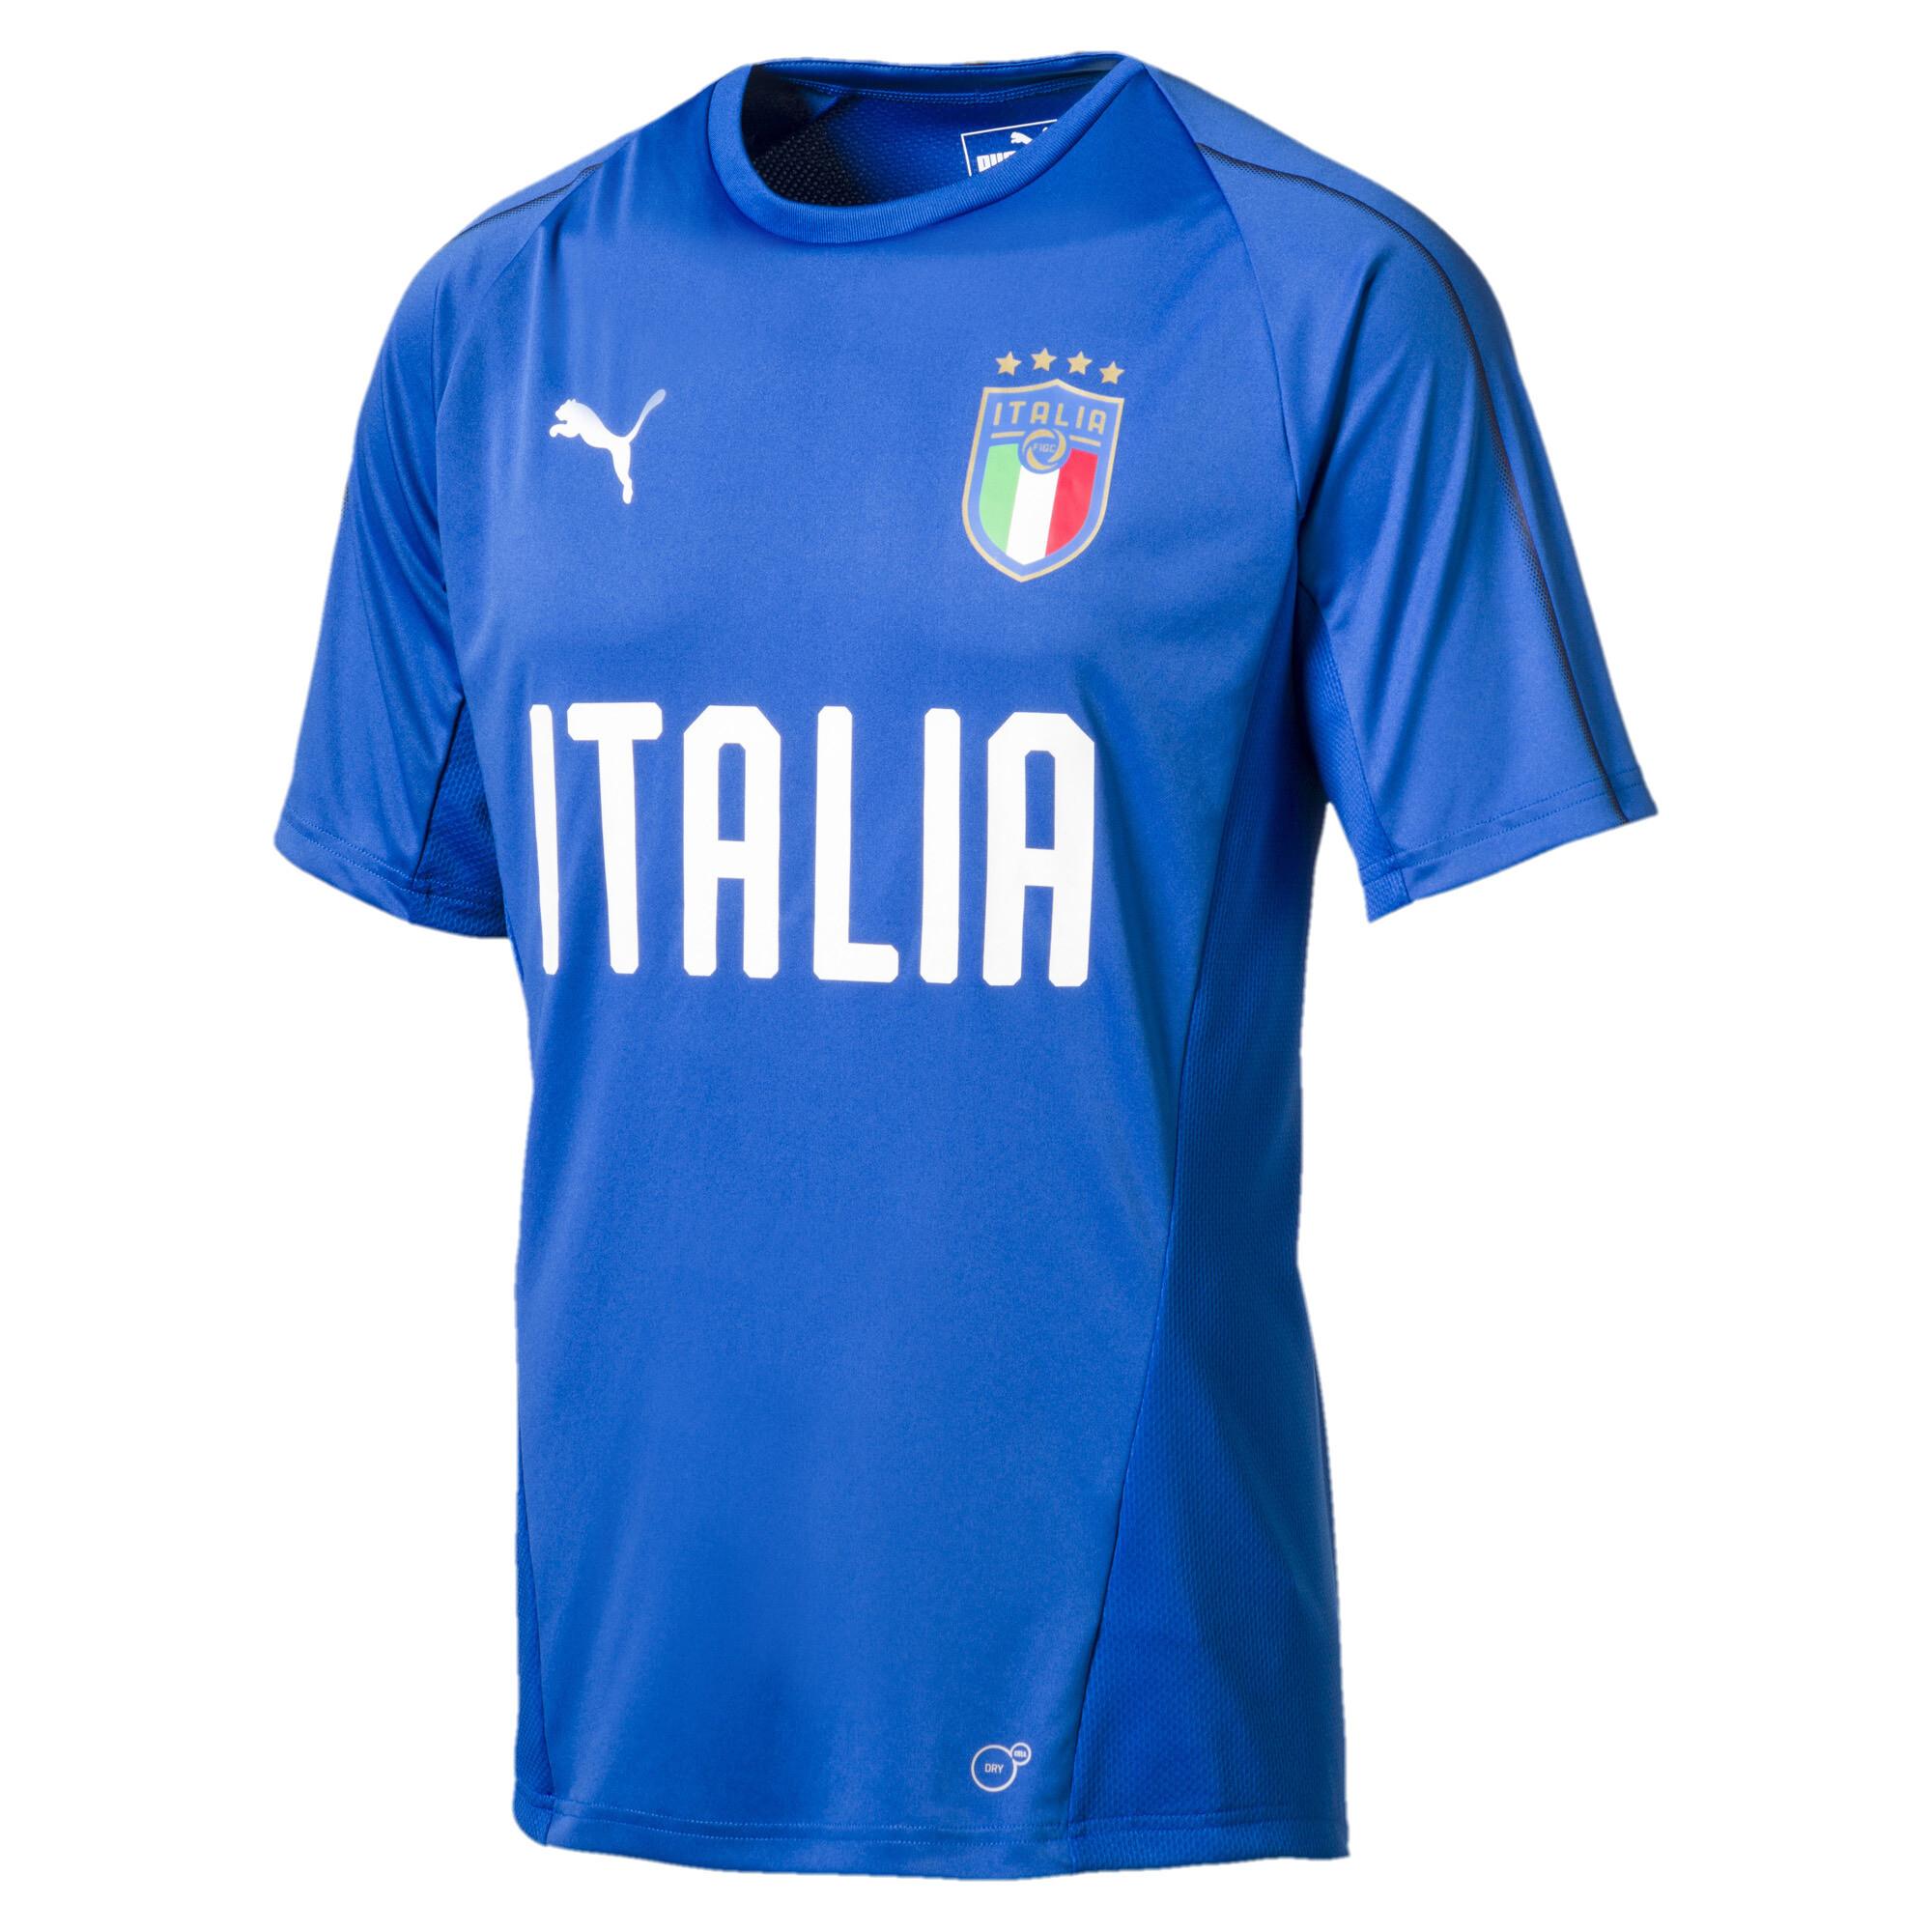 【プーマ公式通販】 プーマ FIGC ITALIA トレーニングジャージー SS メンズ Team Power Blue-Puma White |PUMA.com